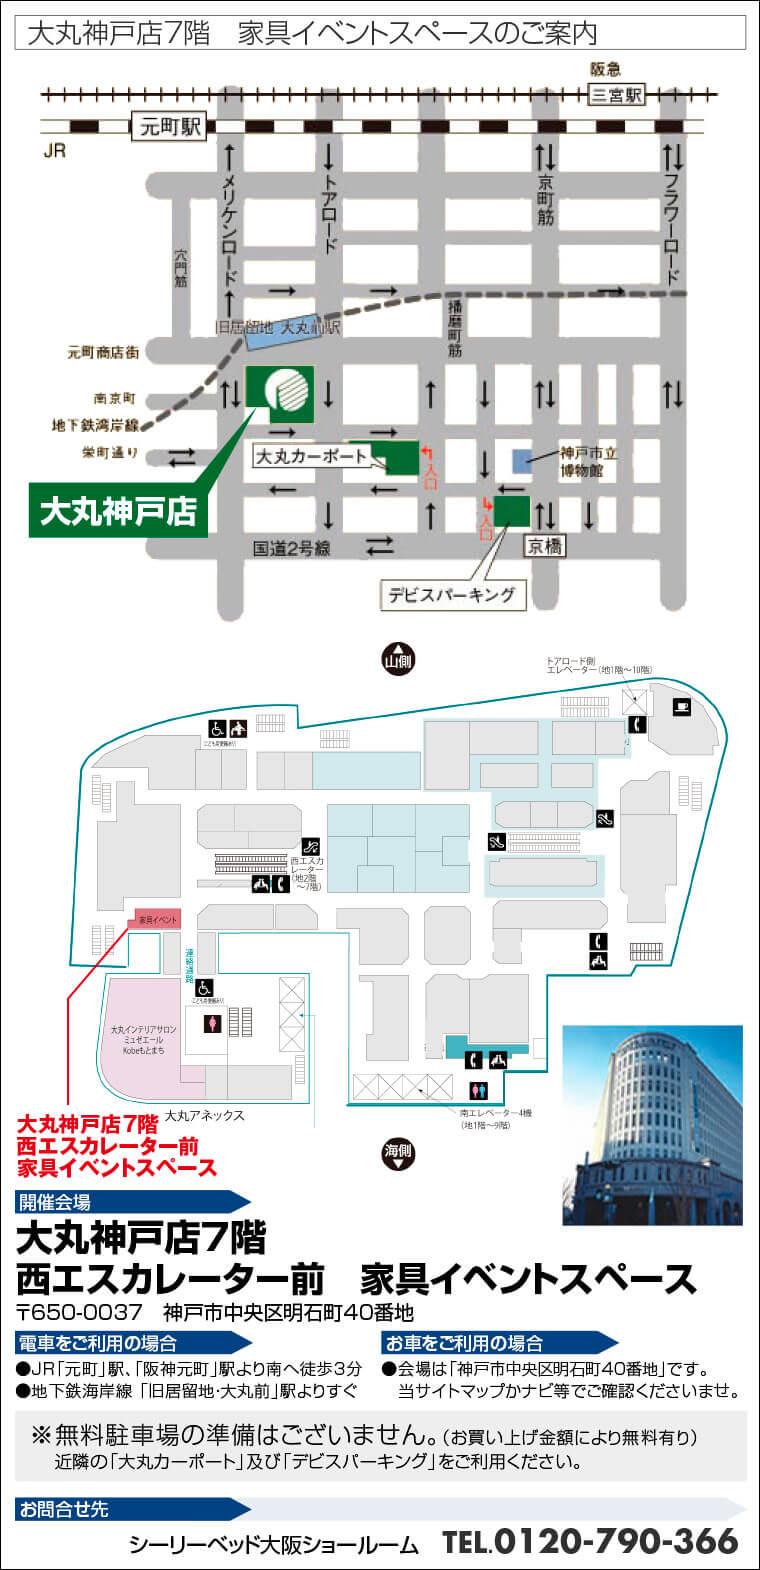 大丸神戸店7階 家具イベントスペースへのアクセス